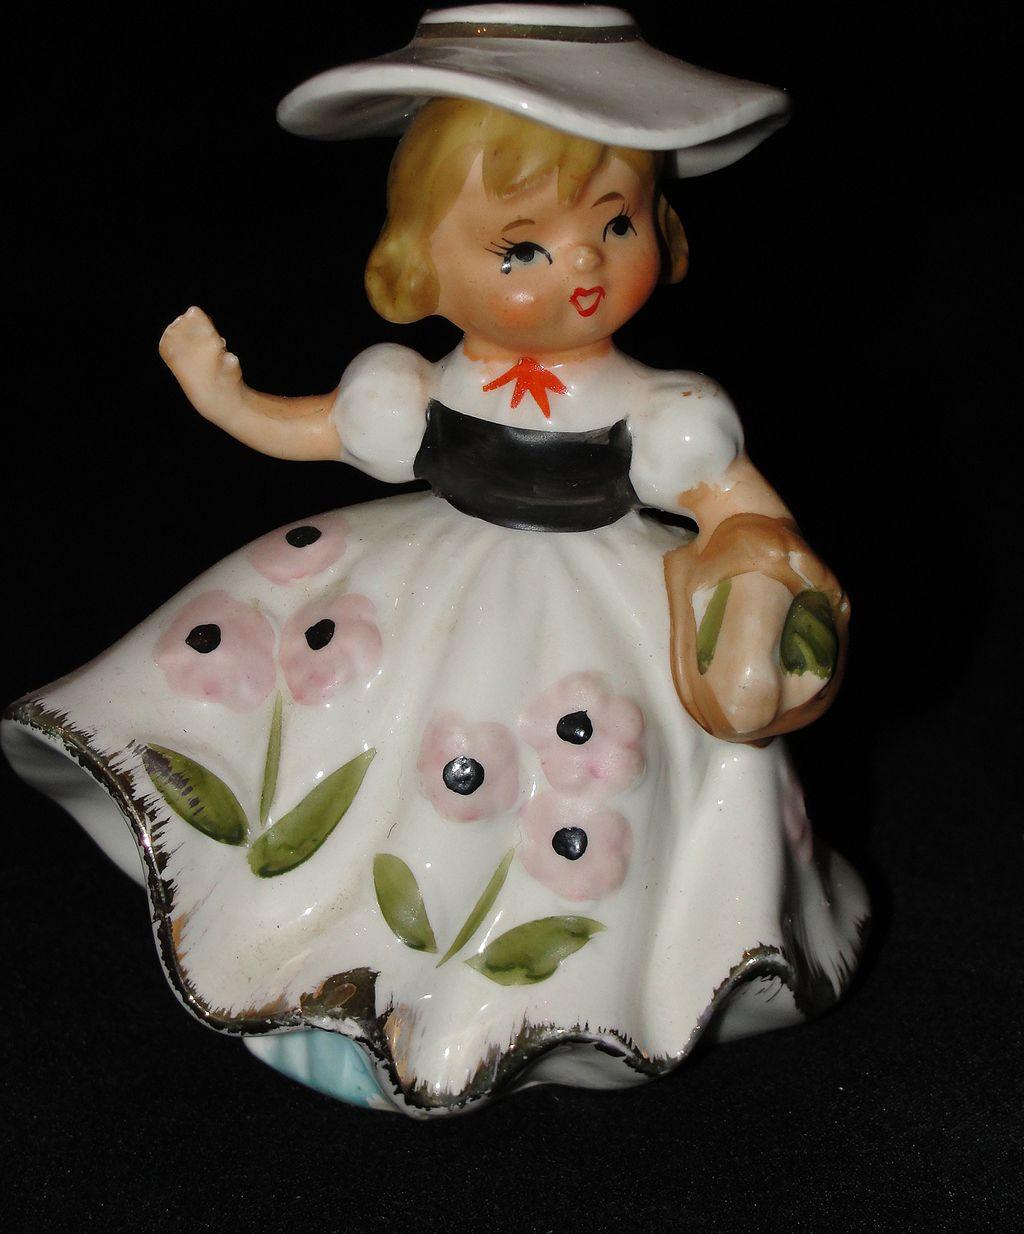 Vintage Southern Belle Ceramic Figurine